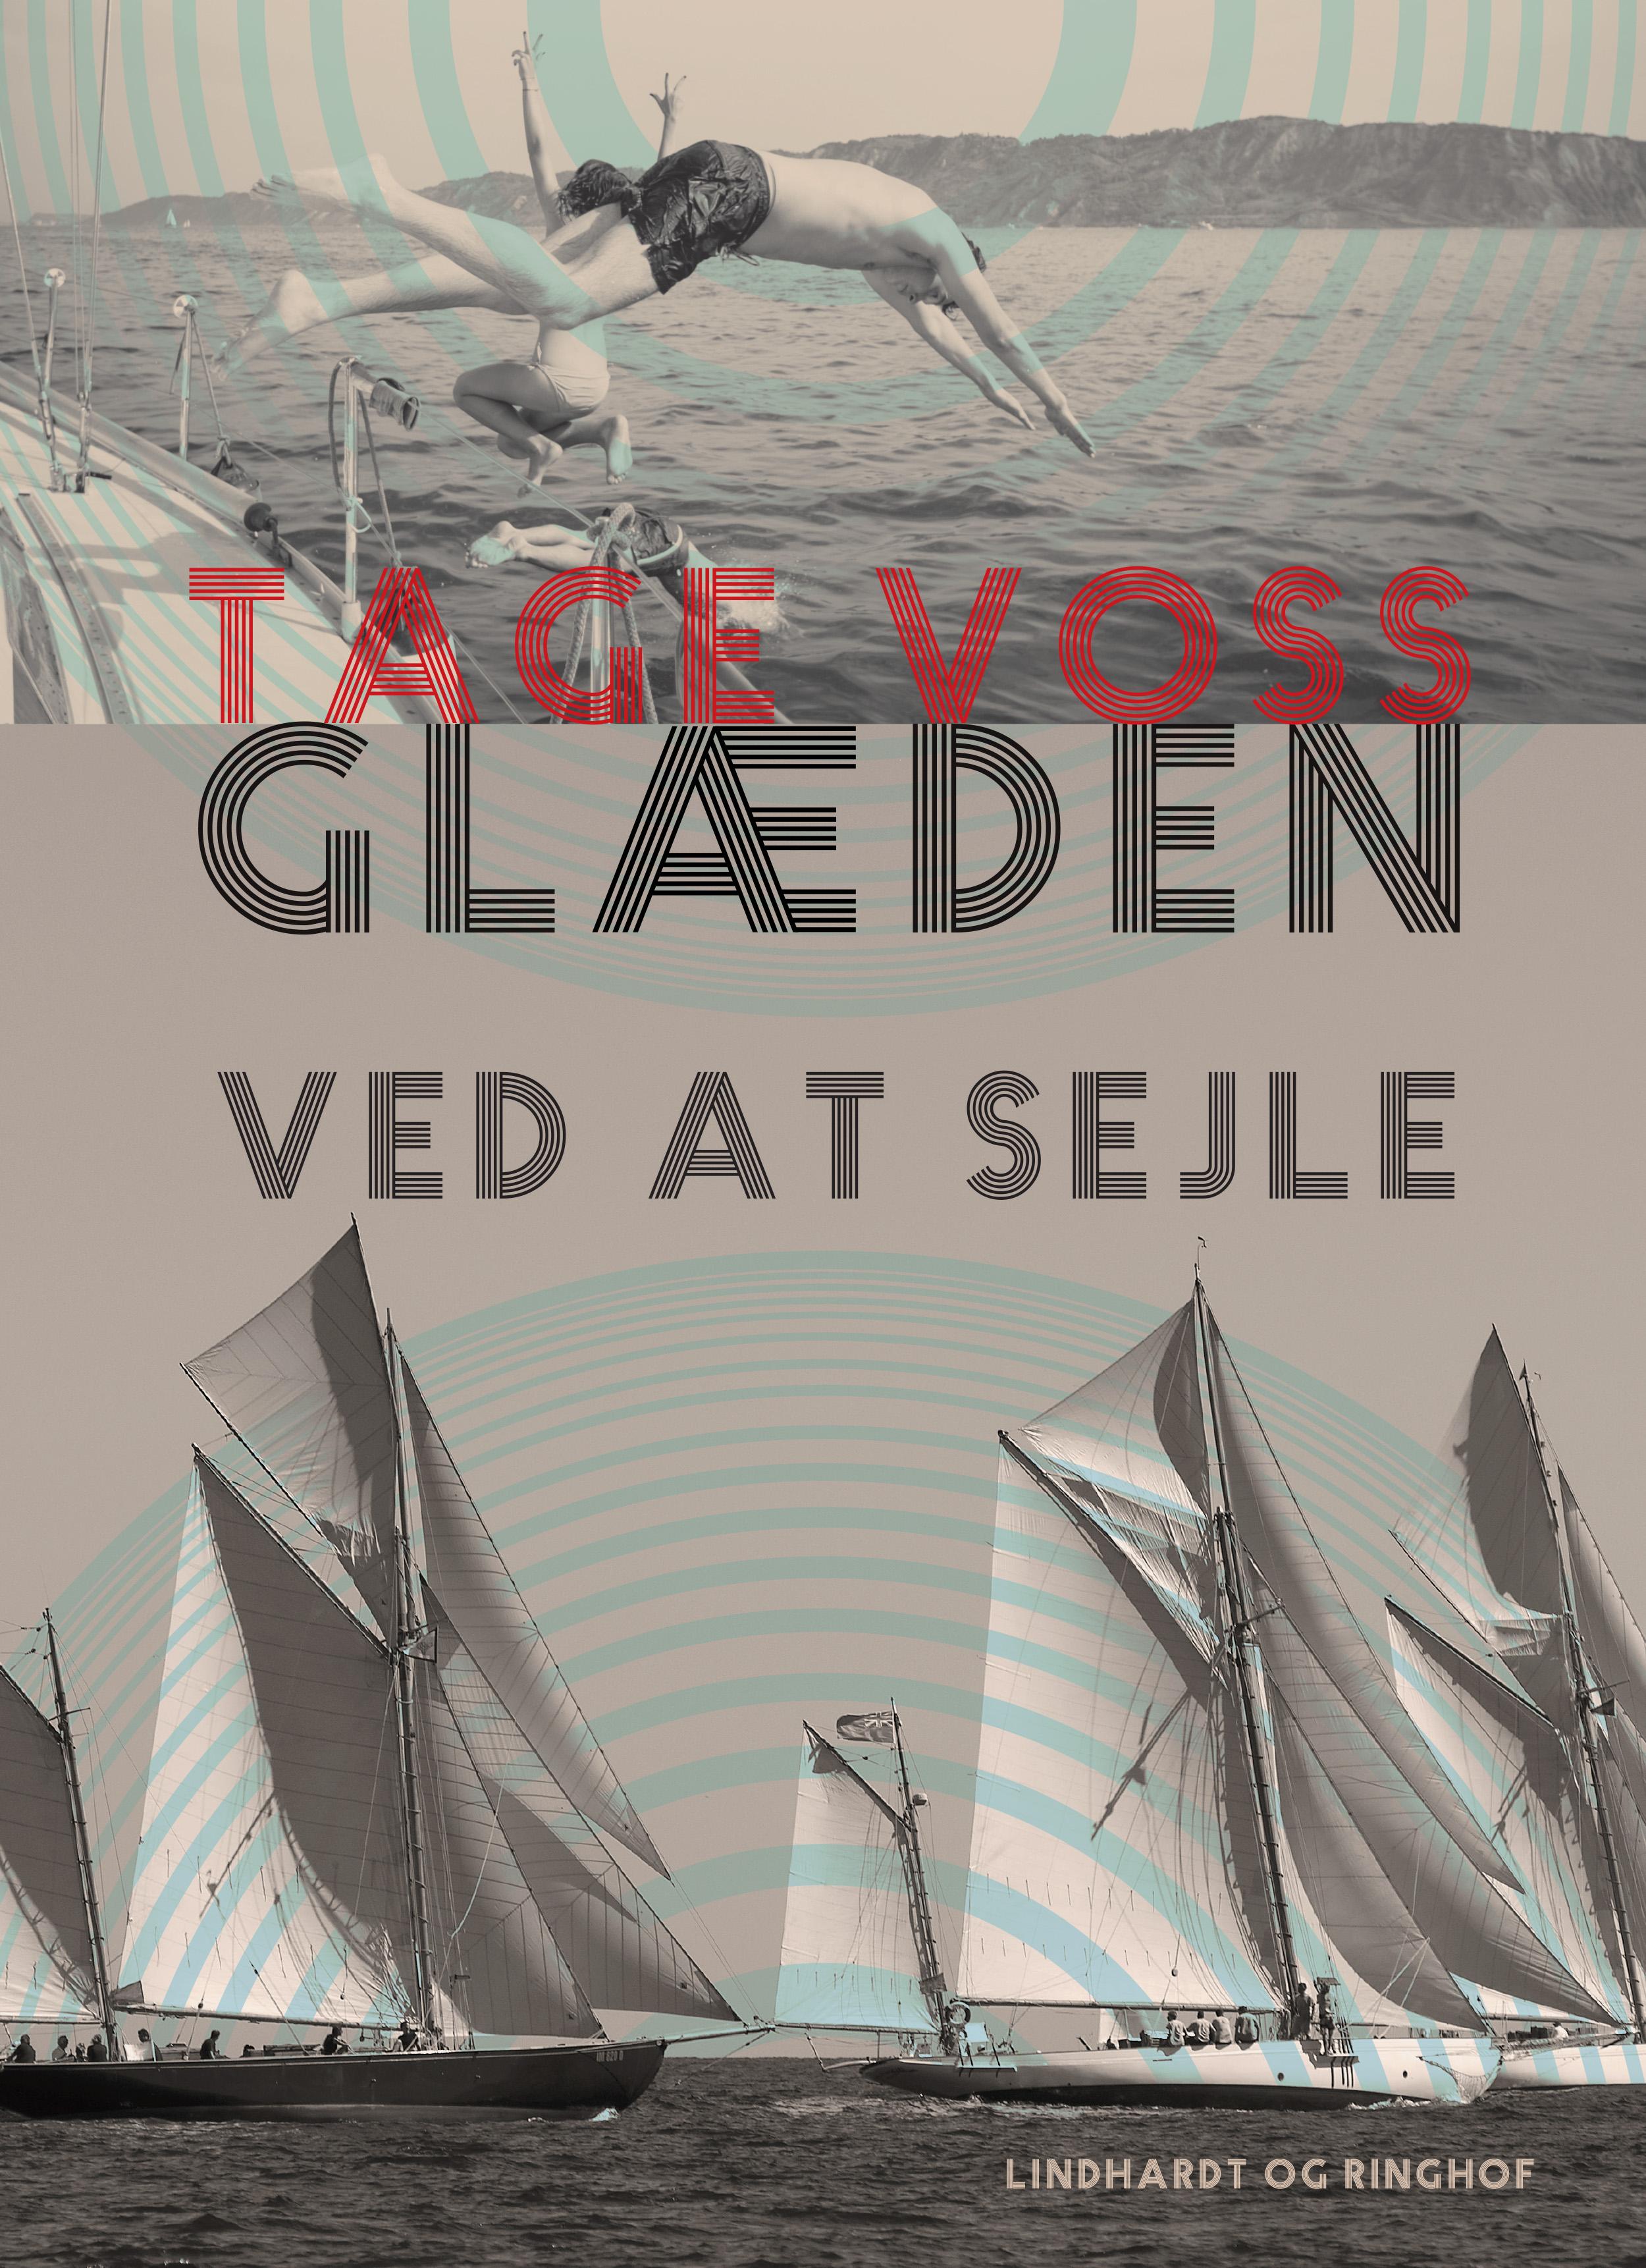 Glæden ved at sejle - E-bog